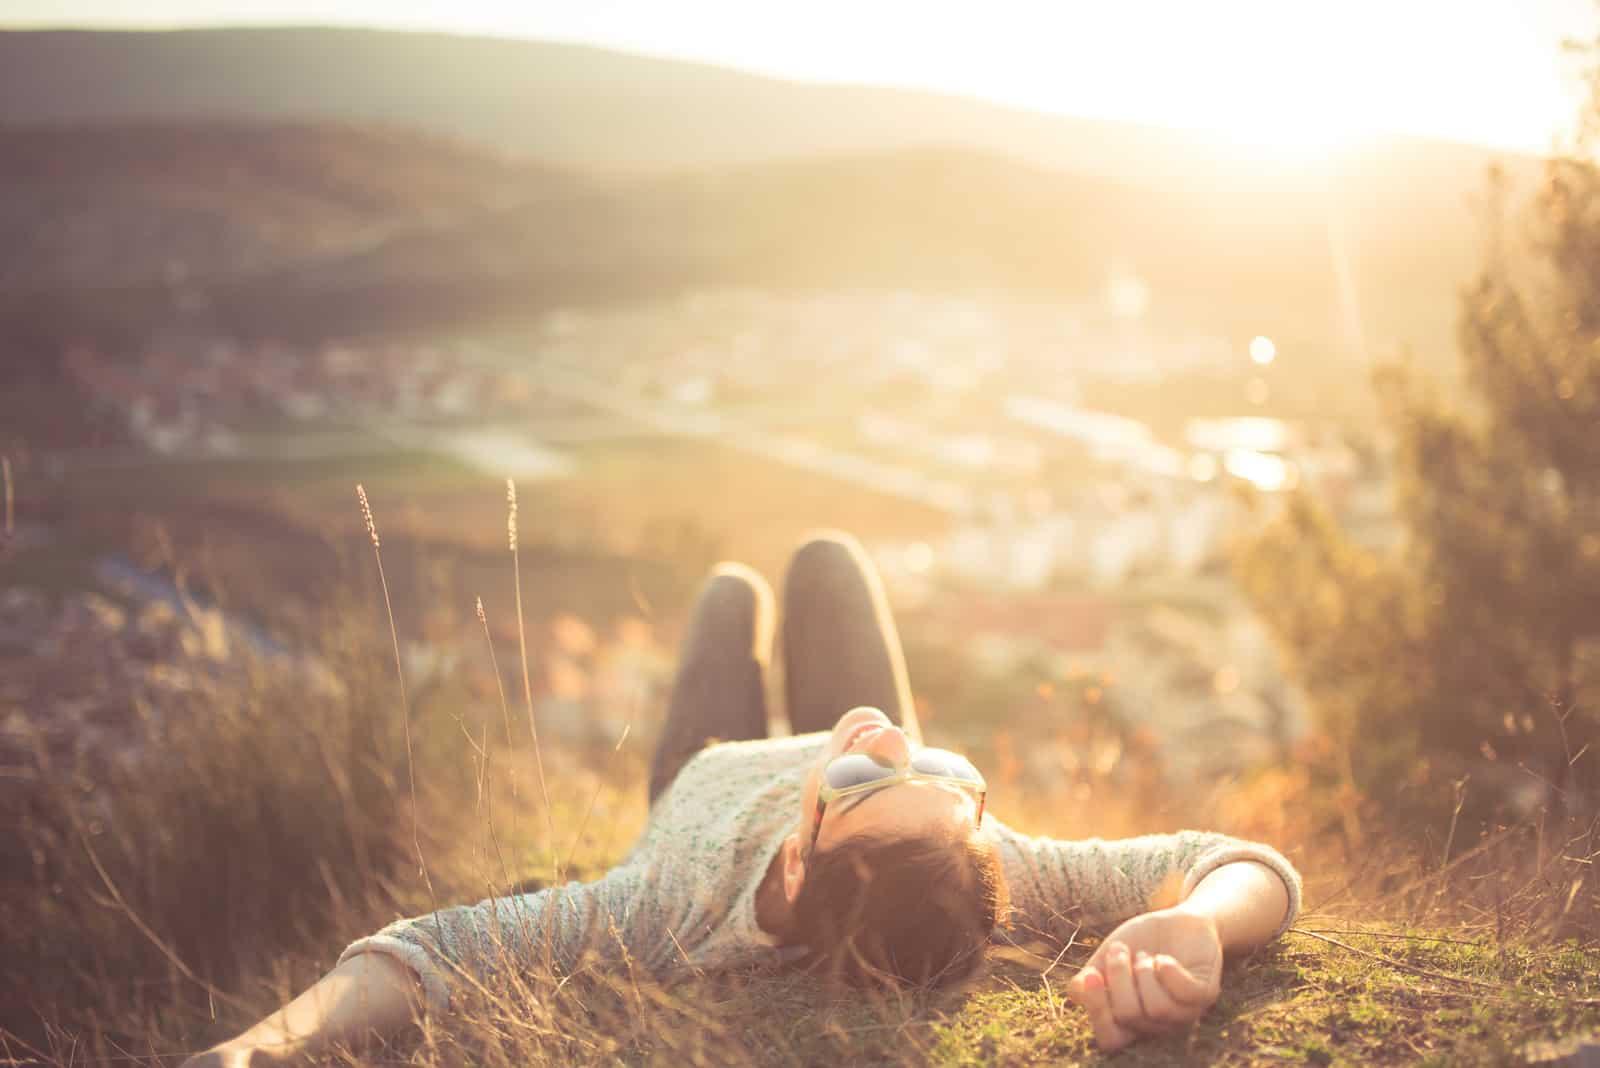 Auf einem Hügel im Gras liegt und ruht eine Frau